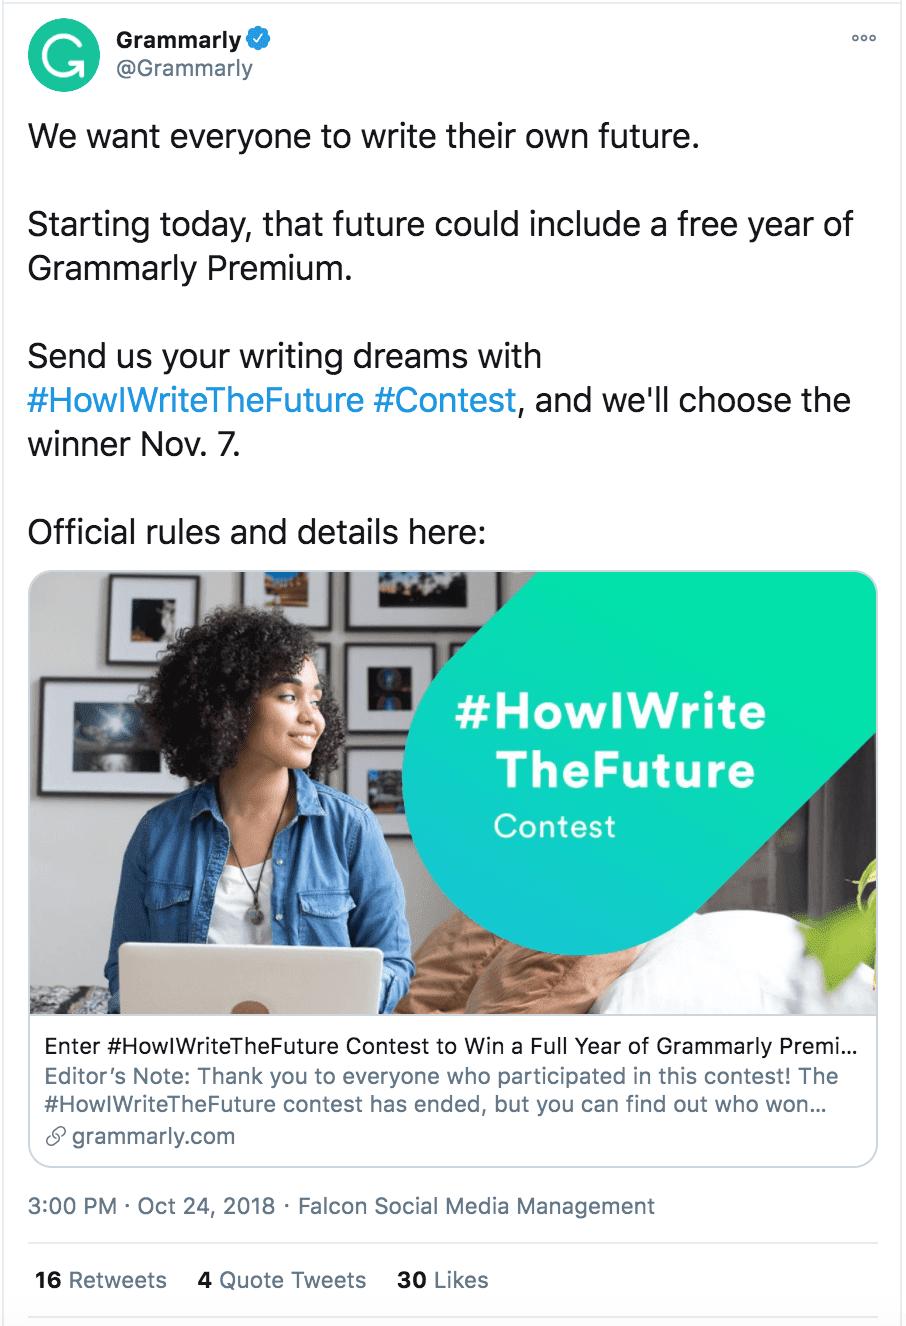 Grammarly Twitter post